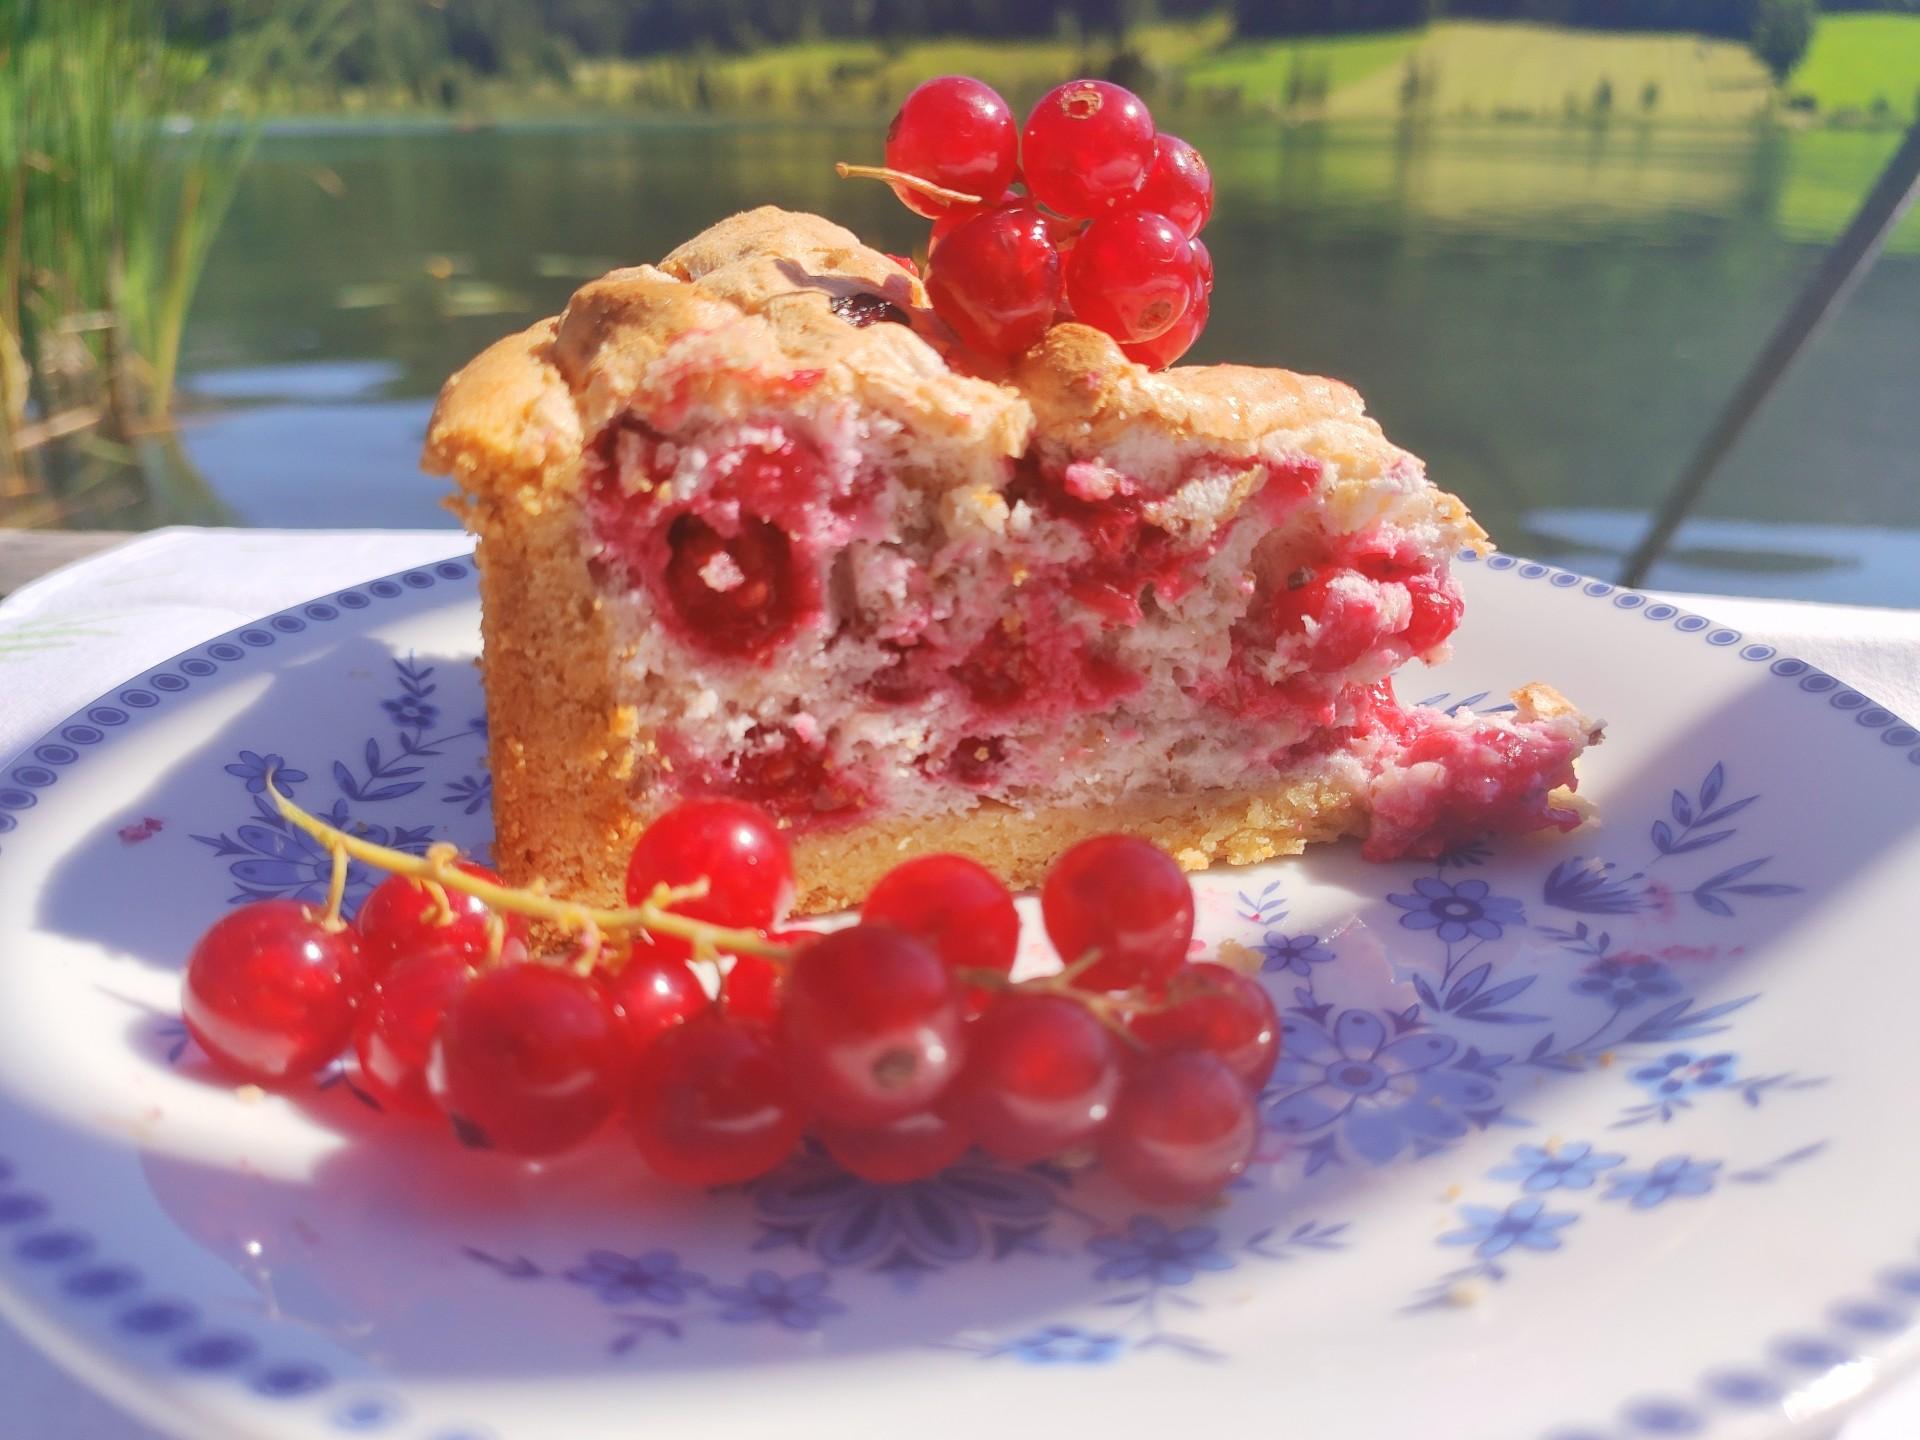 Johannisbeer Kuchen mit Mandelbaiser